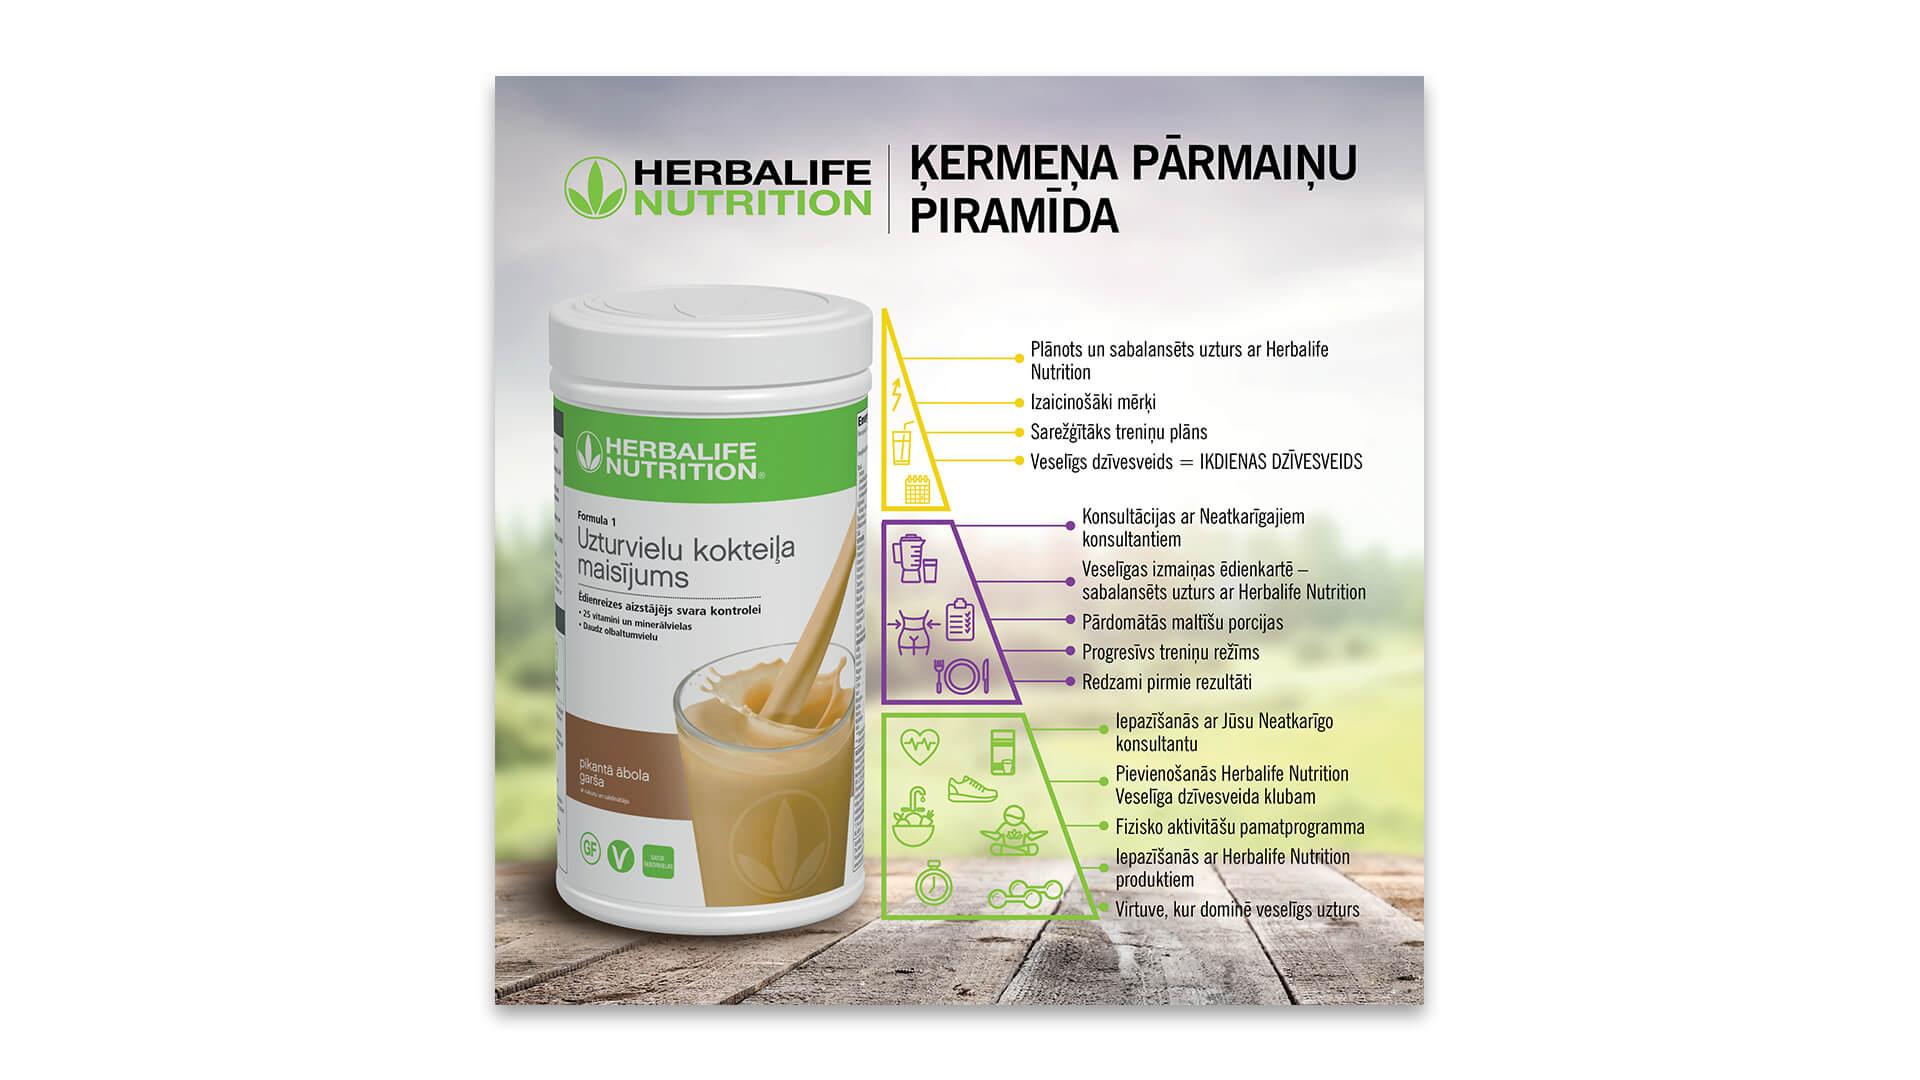 Herbalife-nutrition_kermena-parmainu-piramida_1920x1080